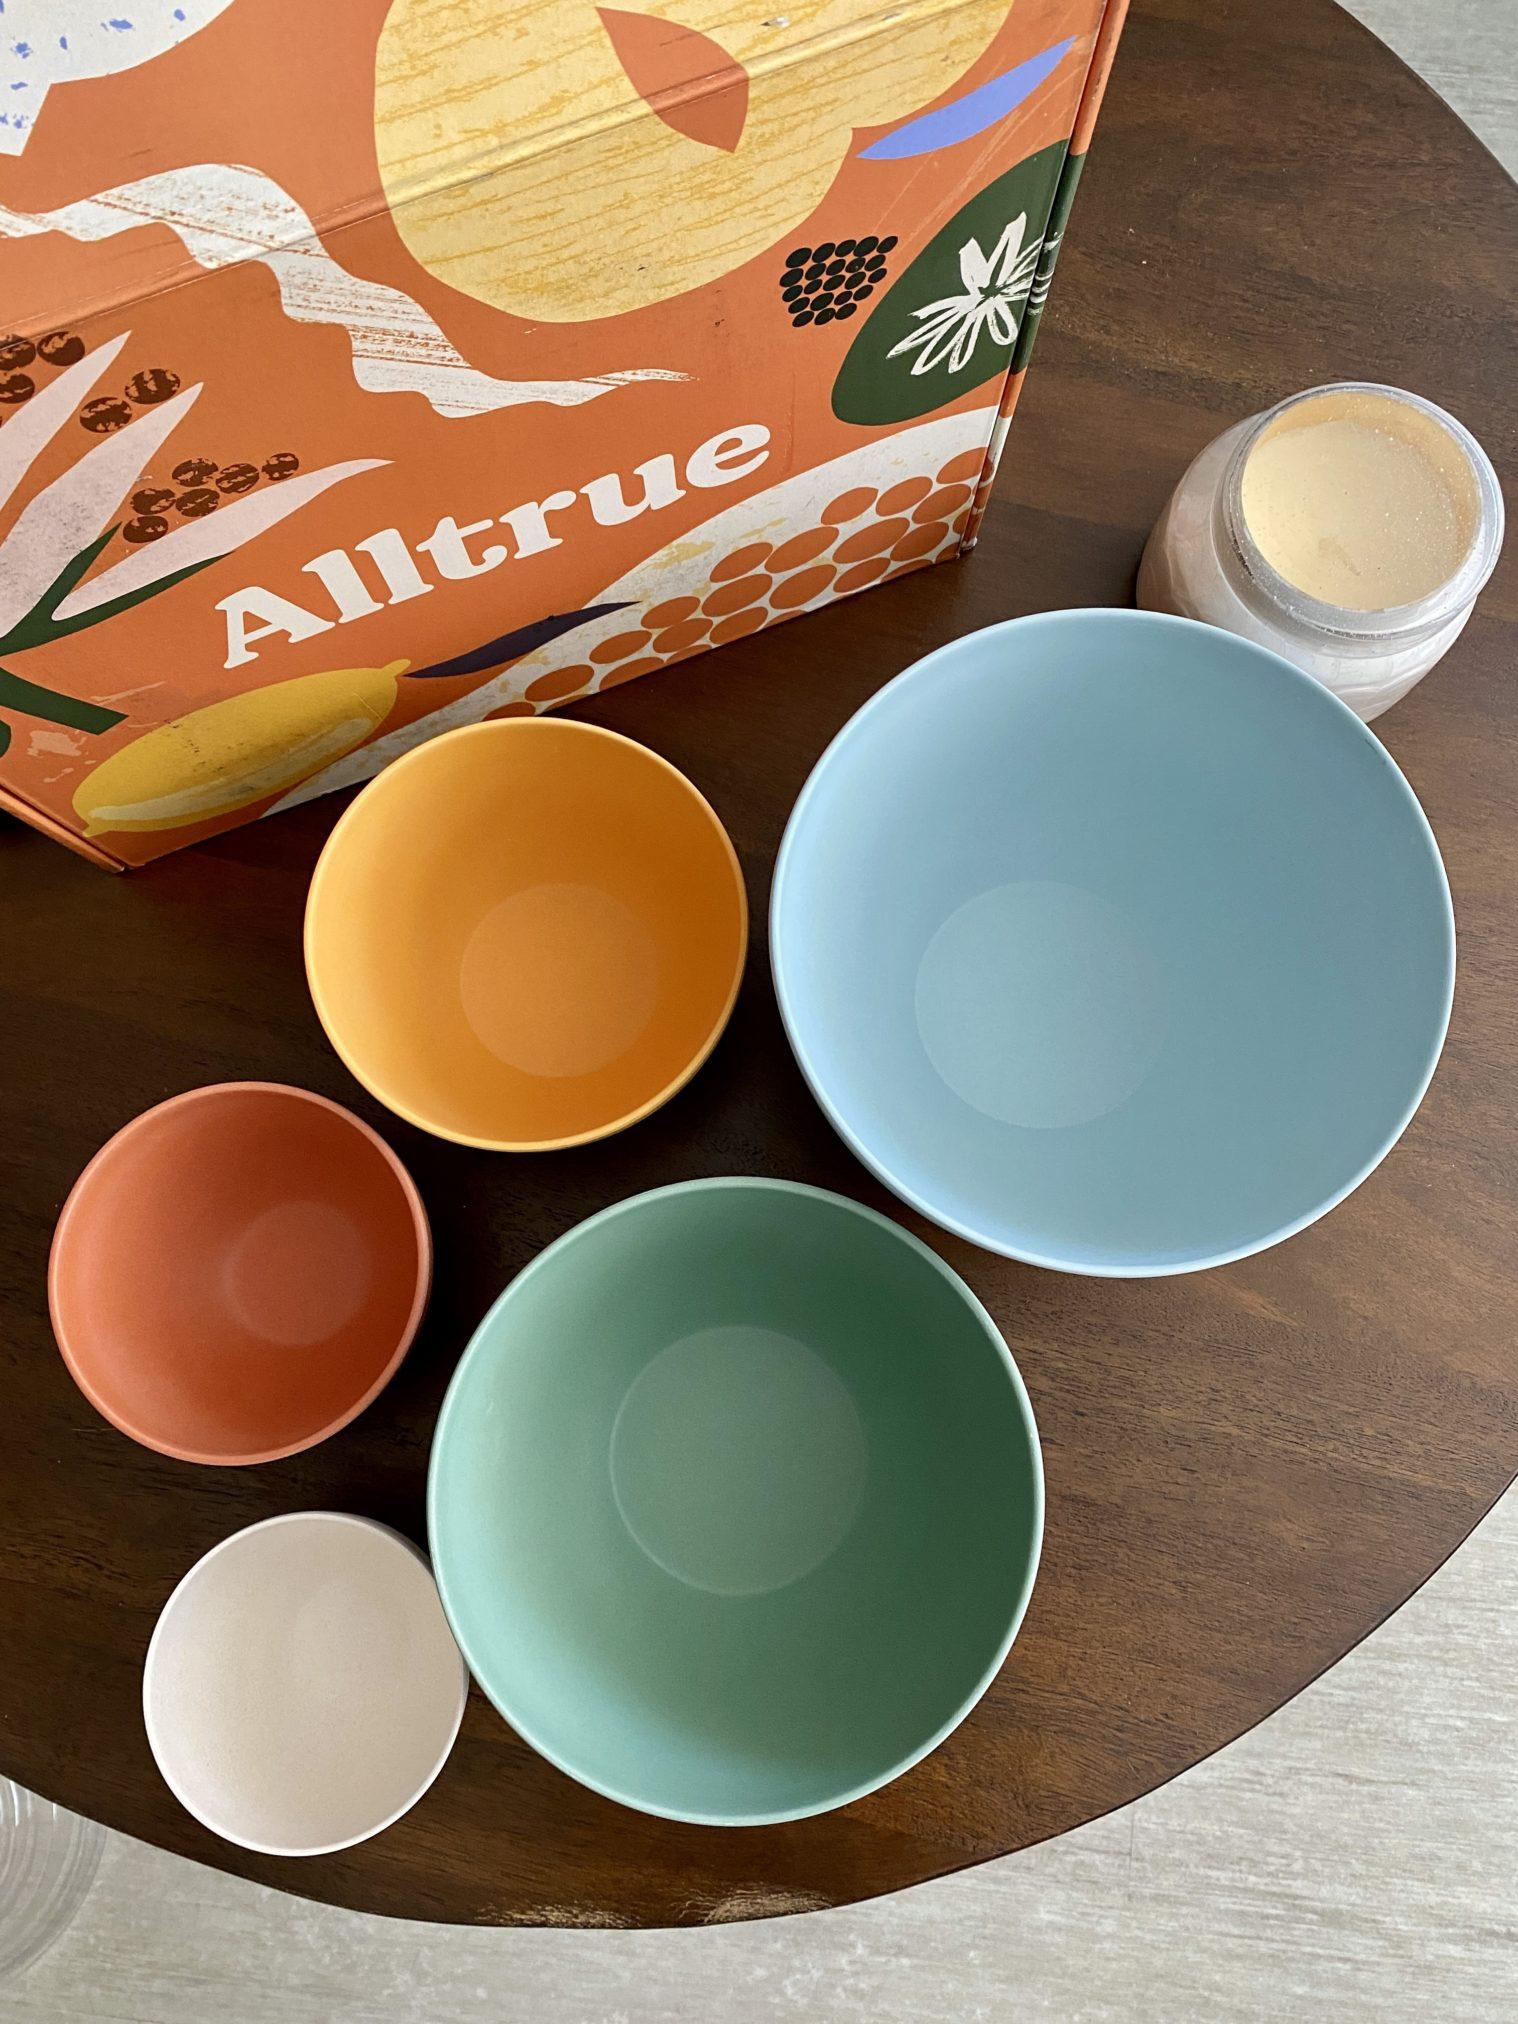 Bamboozle Nesting Bowls - Alltrue Summer 2021 Review - SubscriptionBoxExpert